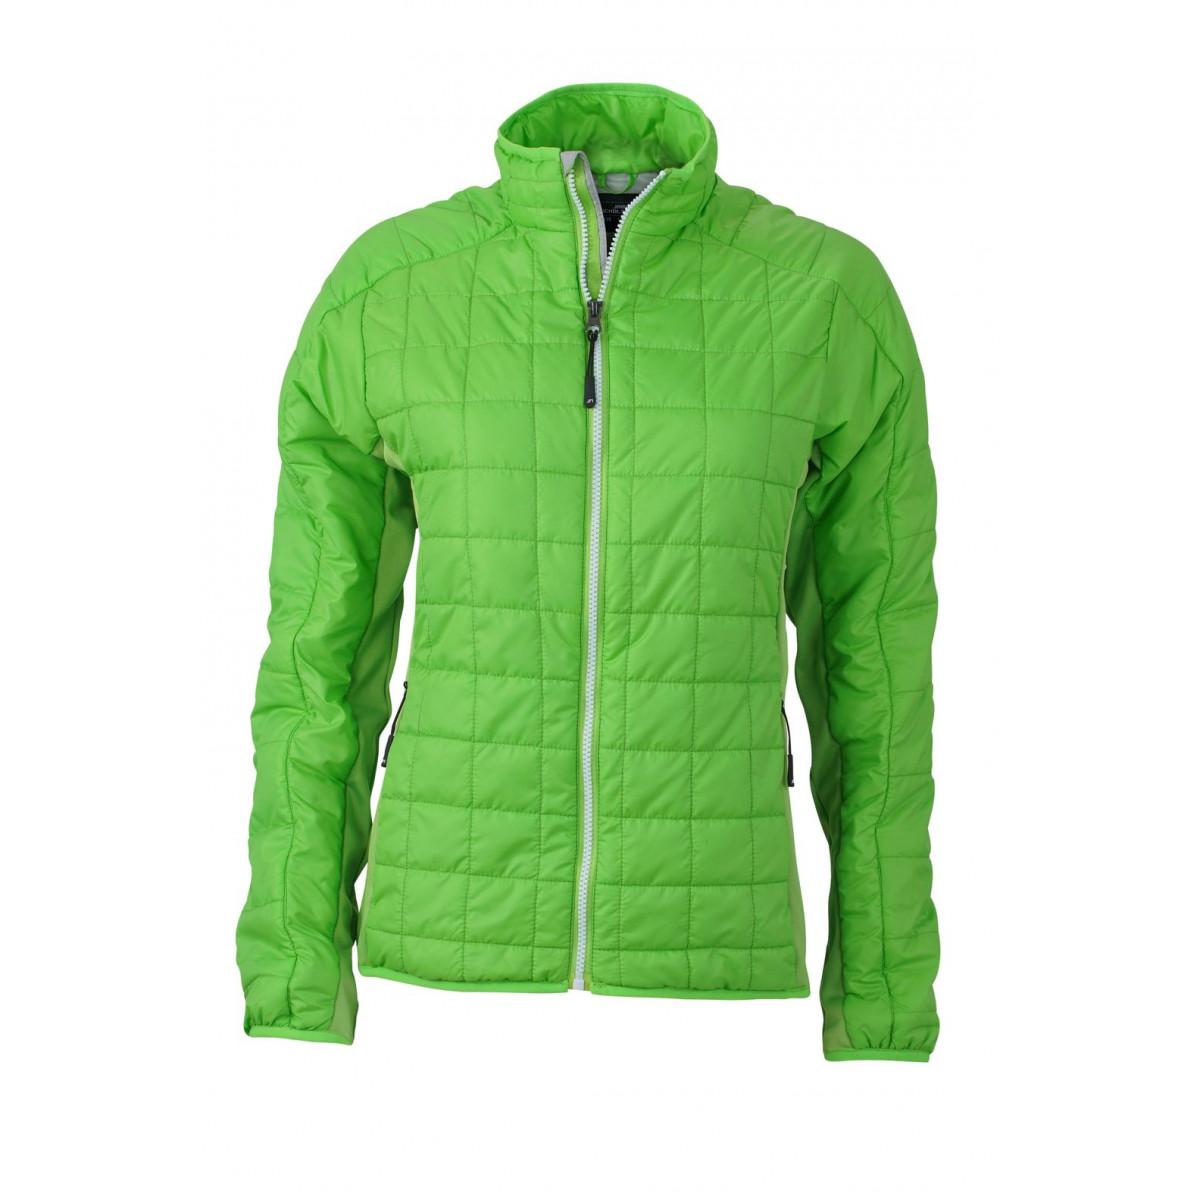 Куртка женская JN1115 Ladies Hybrid Jacket - Насыщенный зеленый/Серебряный